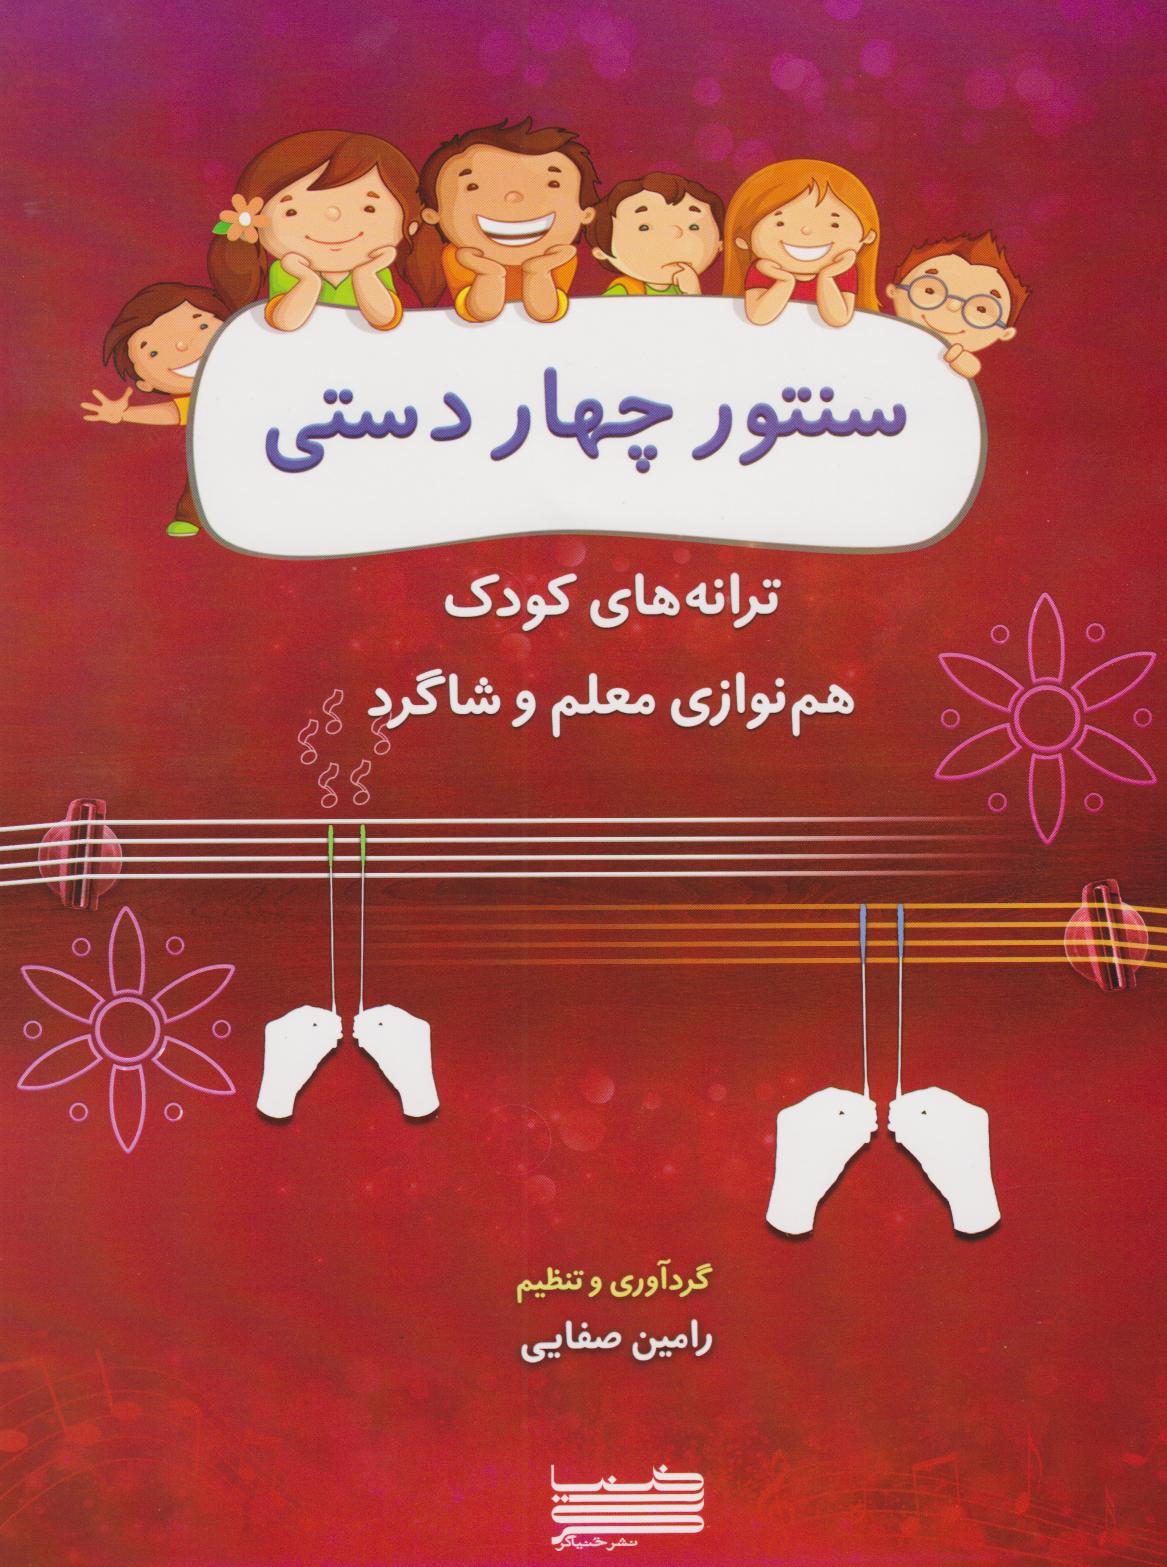 کتاب سنتور چهار دستی رامین صفایی انتشارات خنیاگر